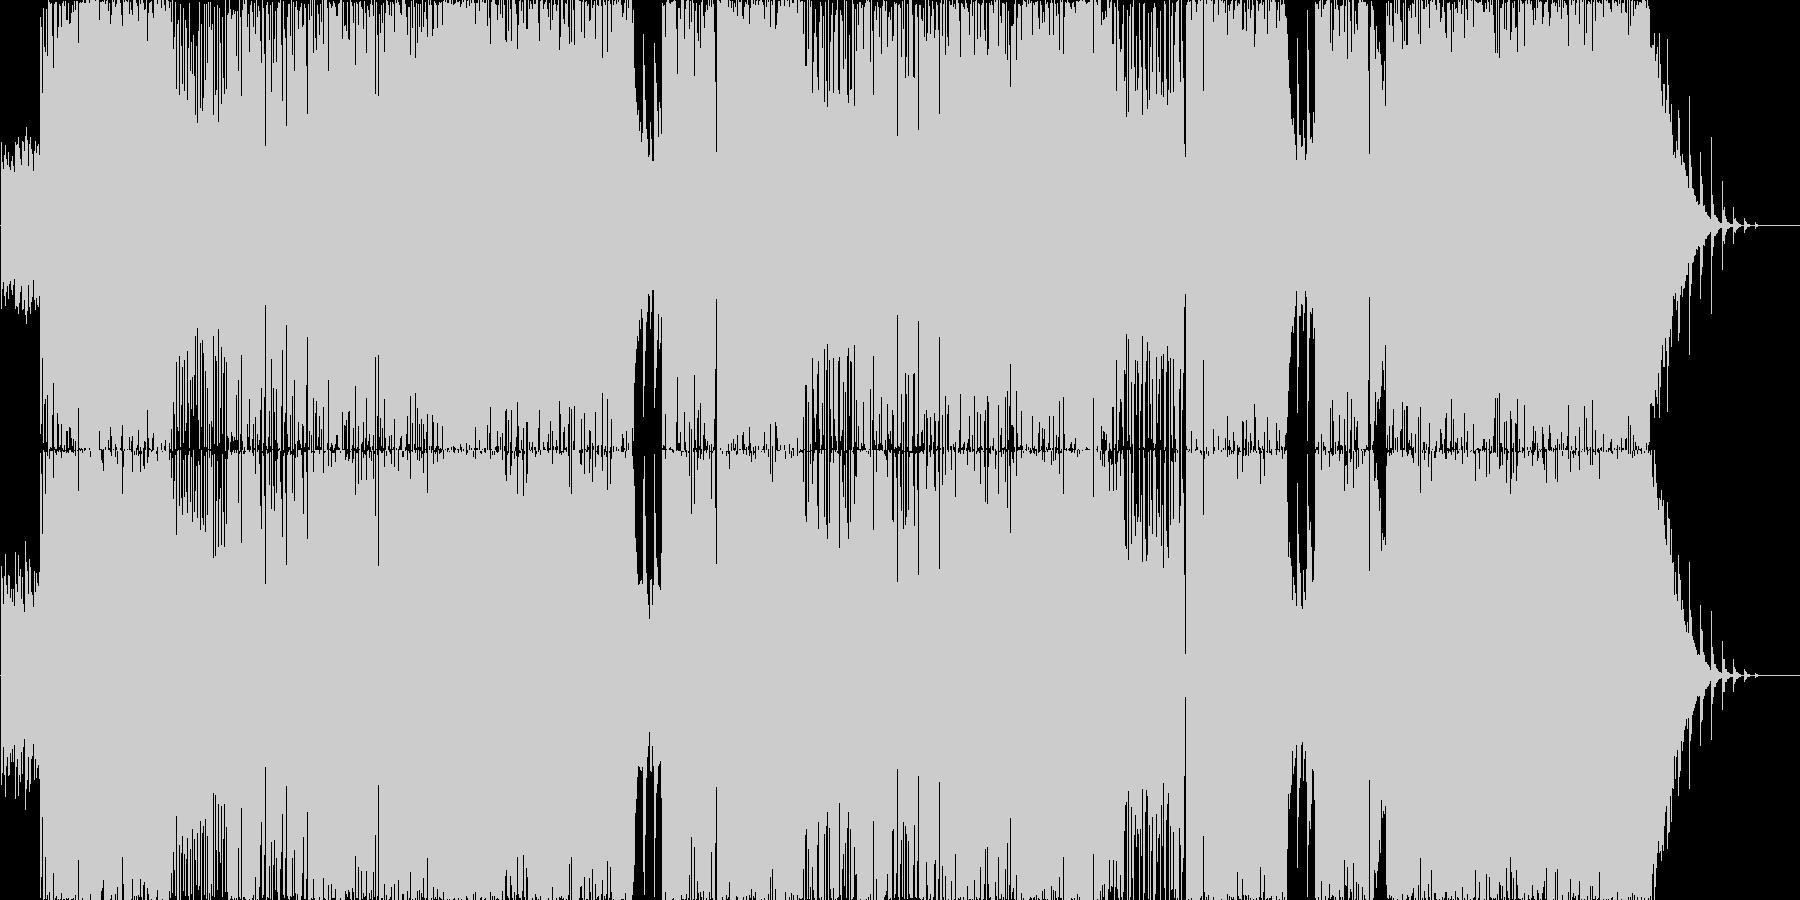 疾走感溢れるウィンターポップロックの未再生の波形